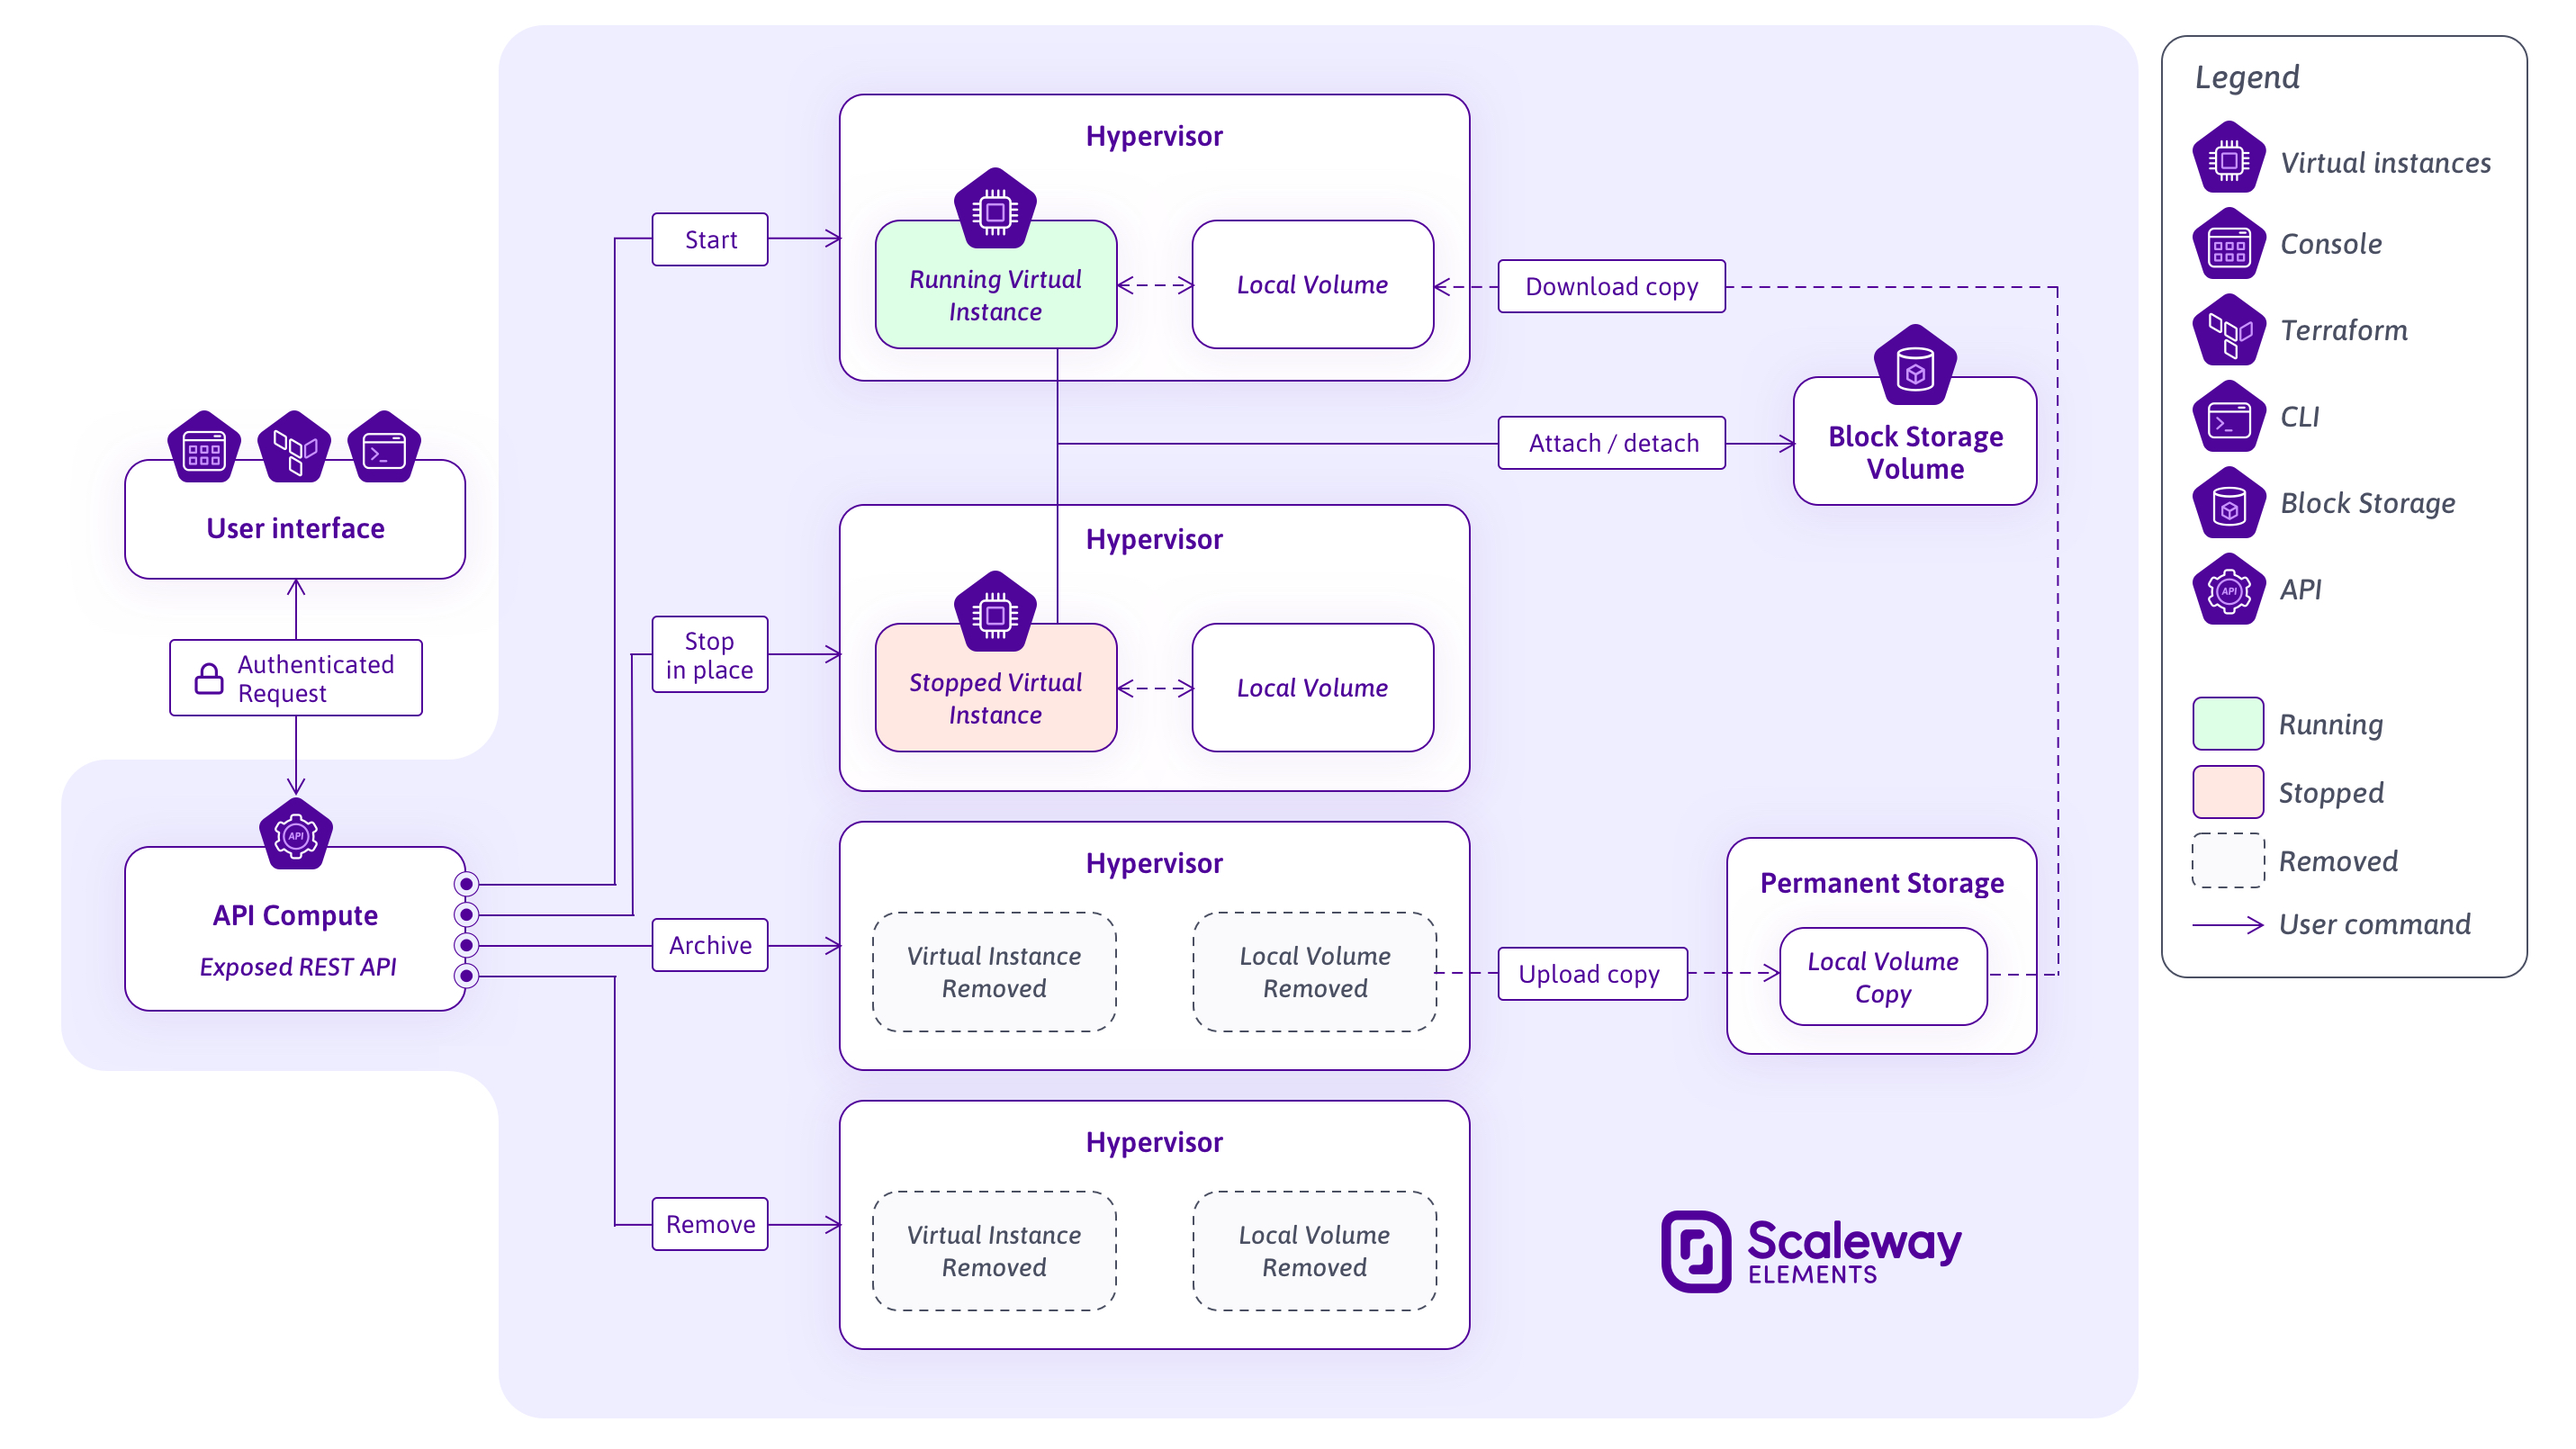 Un diagramme expliquant le fonctionnement des instances